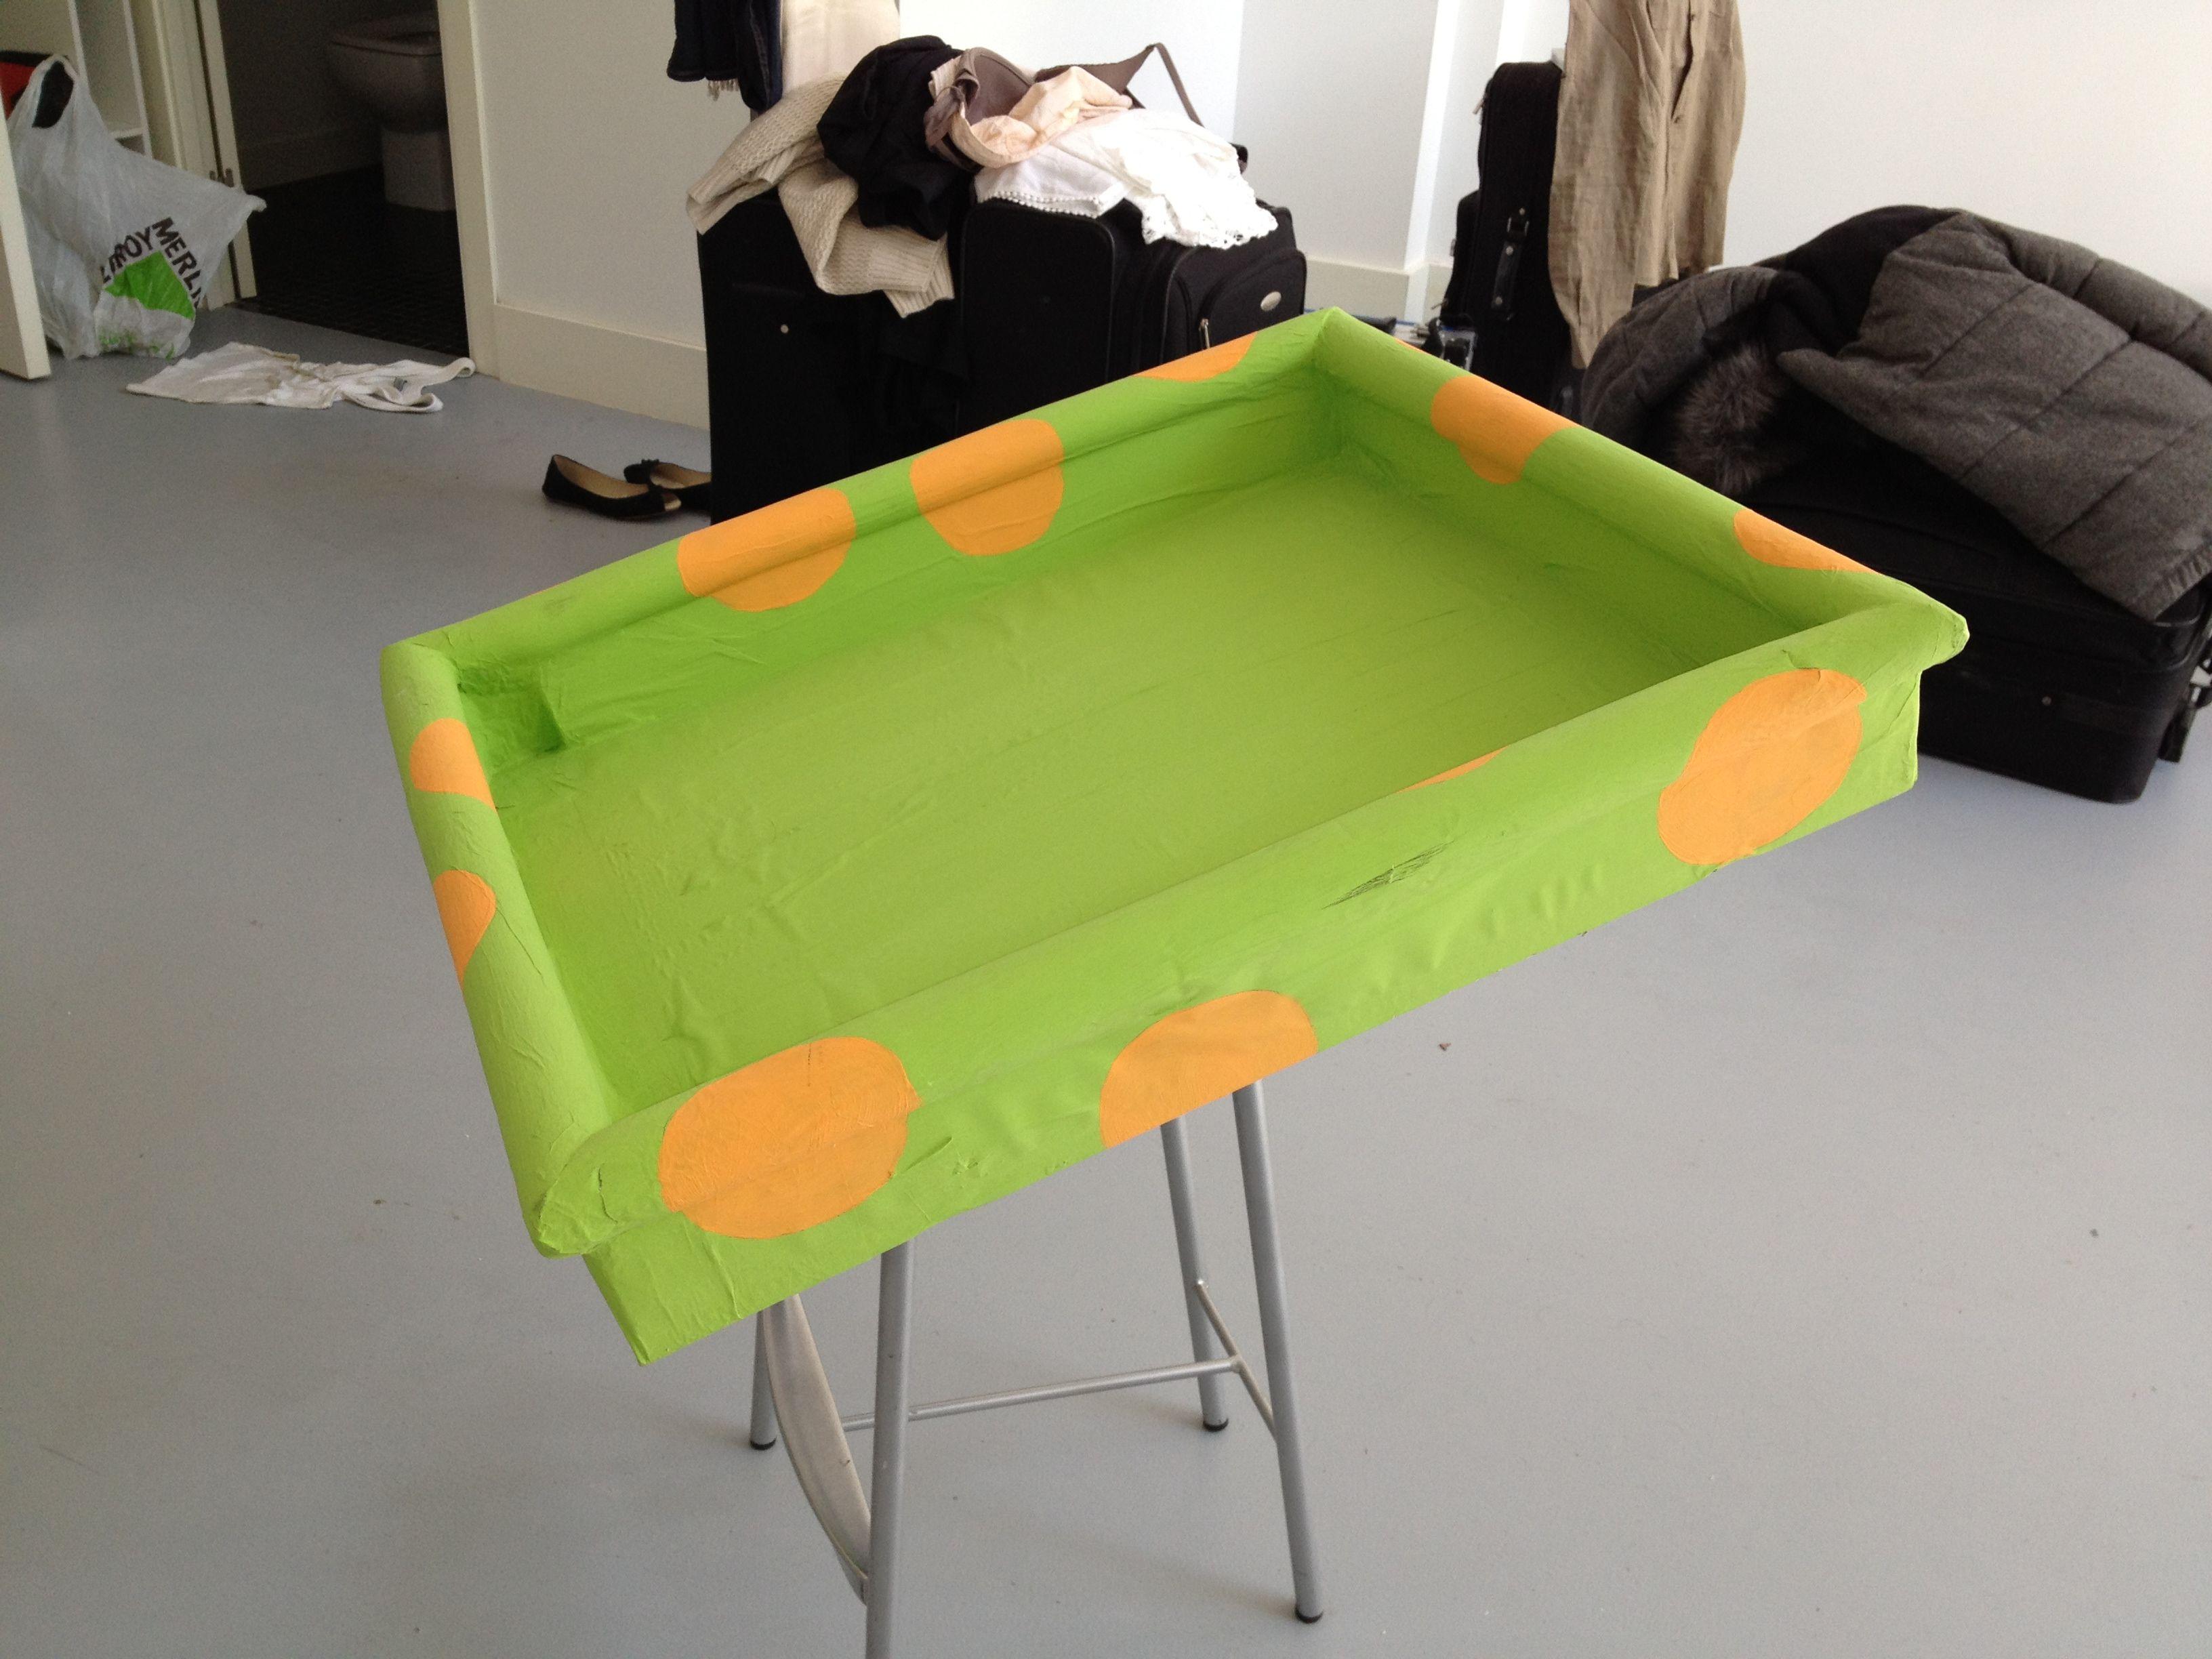 Bandeja Cambiador Para Ni Os Construida Reciclando Una Tapa De  # Muebles De Hule Espuma Para Ninos